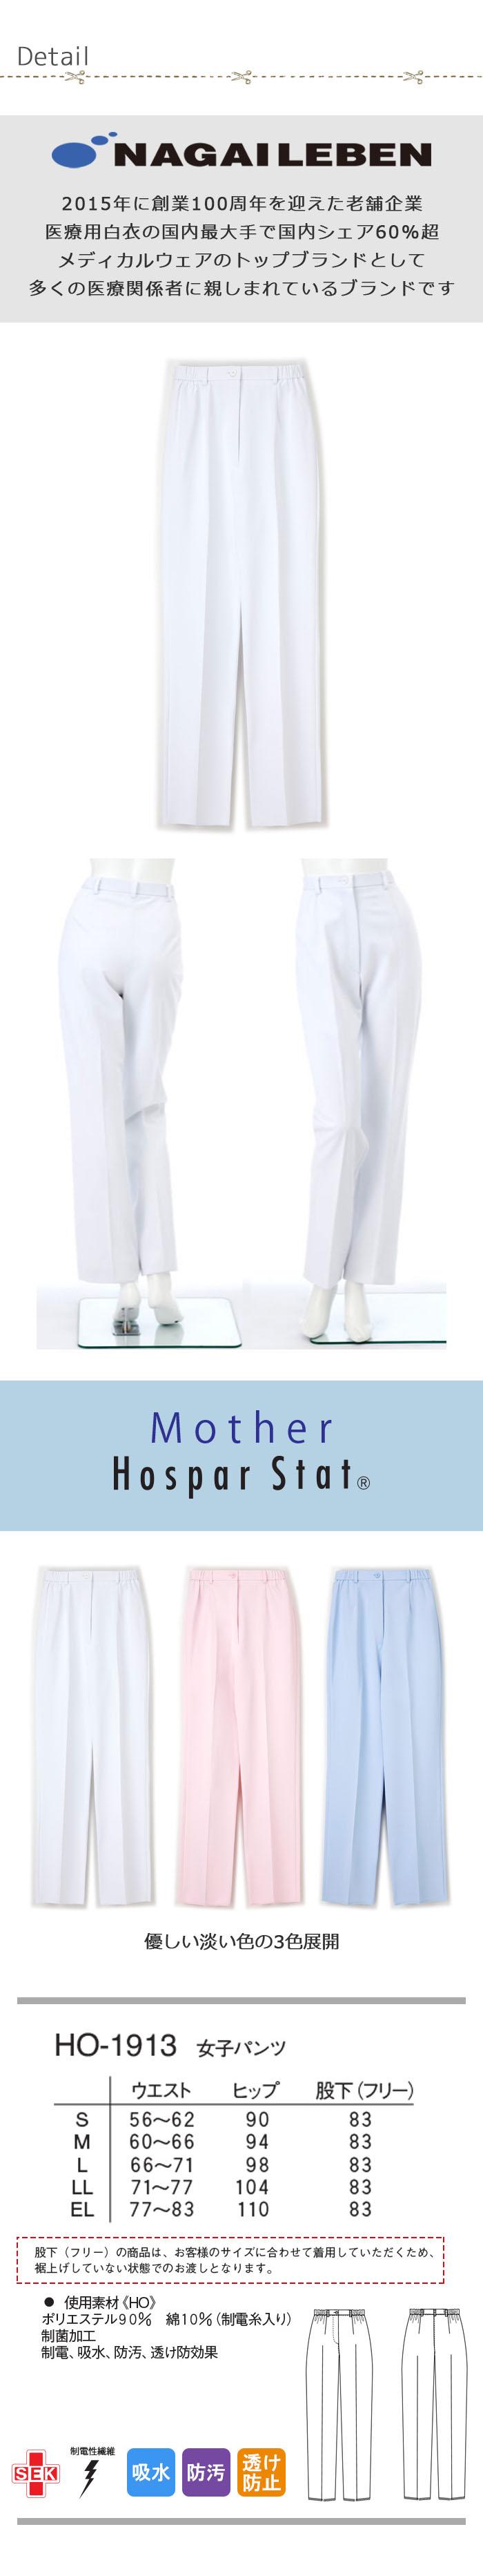 【歯科・医療ユニフォーム】透けを気にせず安心して着用できる 美脚ストレートパンツ【3色】女性用